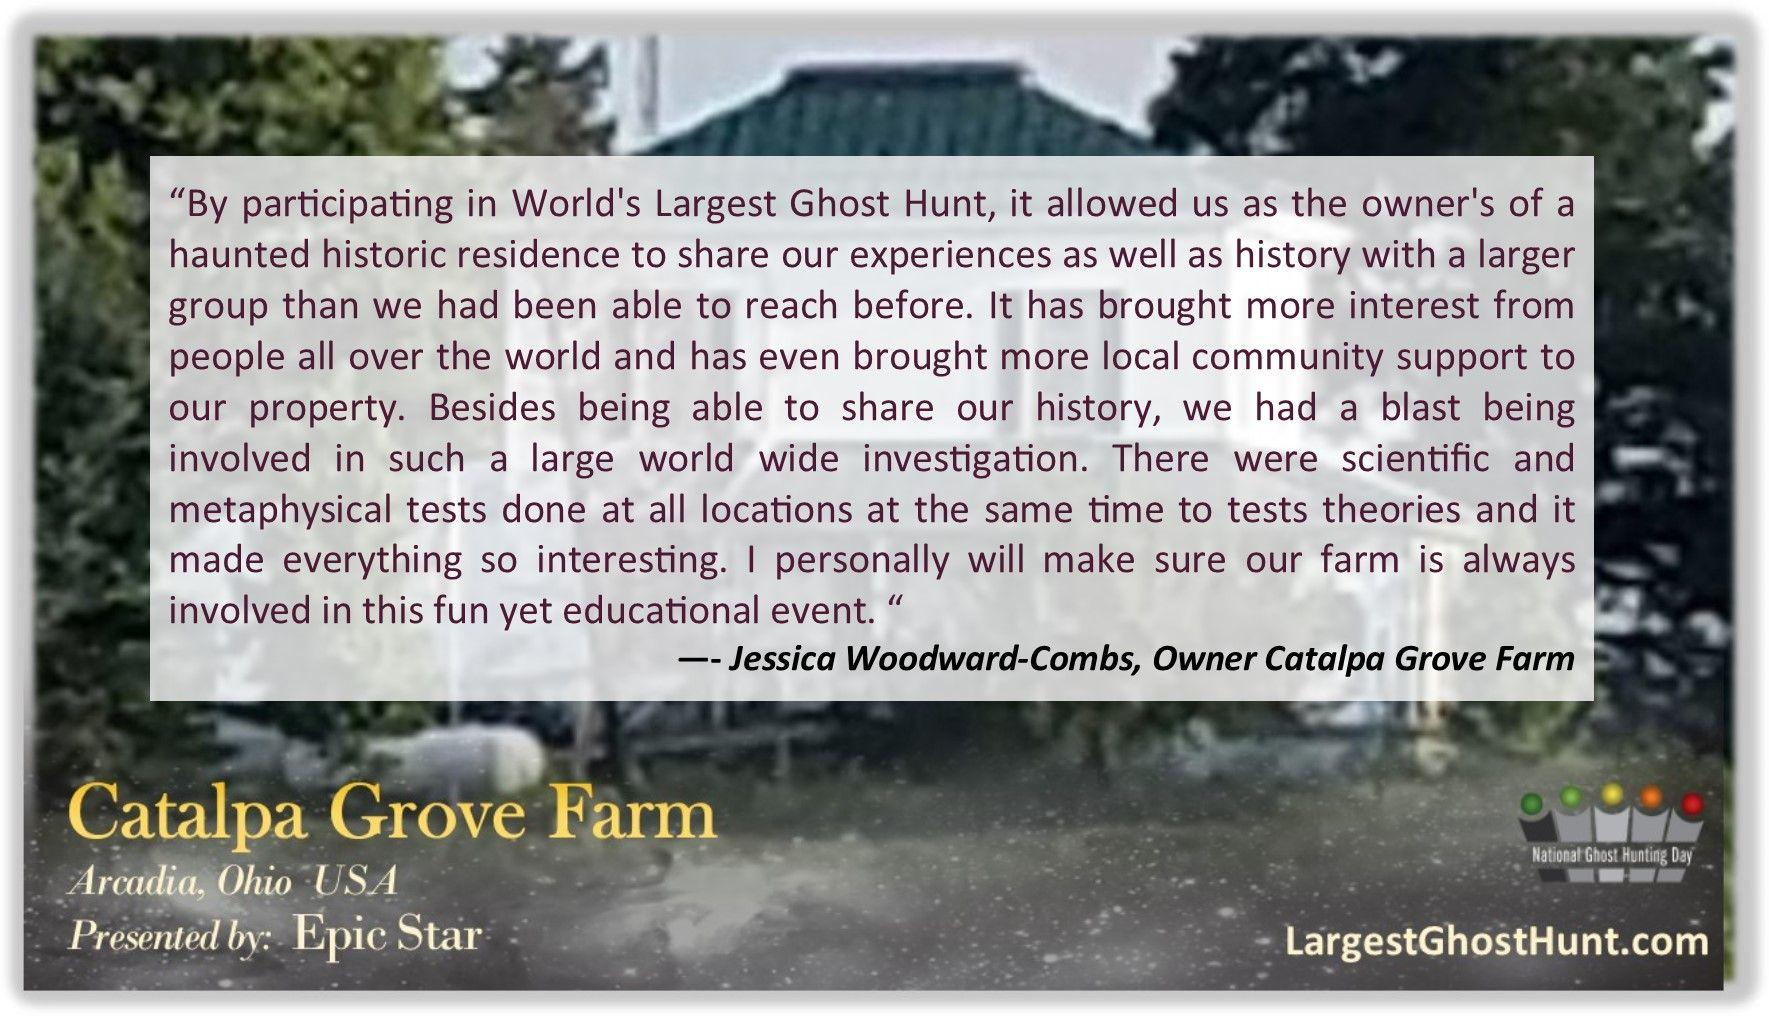 Catalpa Grove Farm